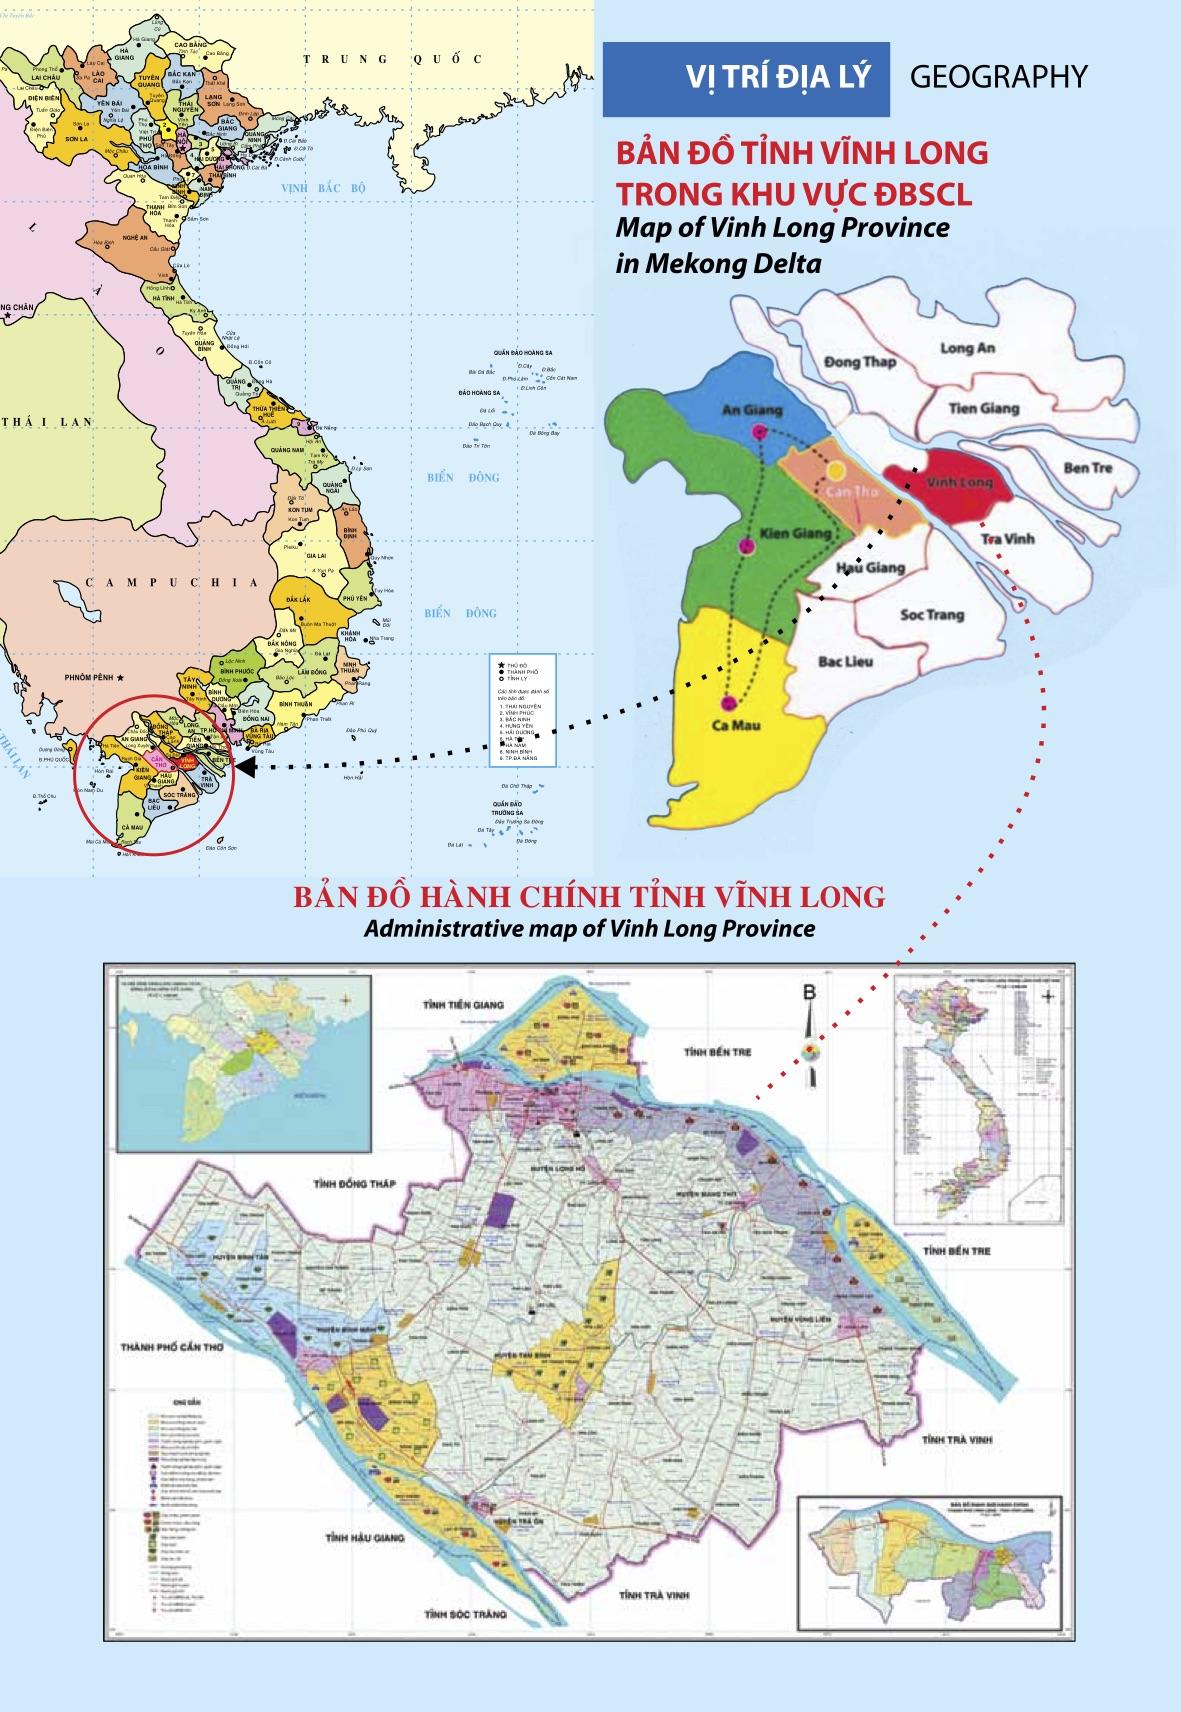 77 dự án mời gọi đầu tư trên địa bàn tỉnh Vĩnh Long